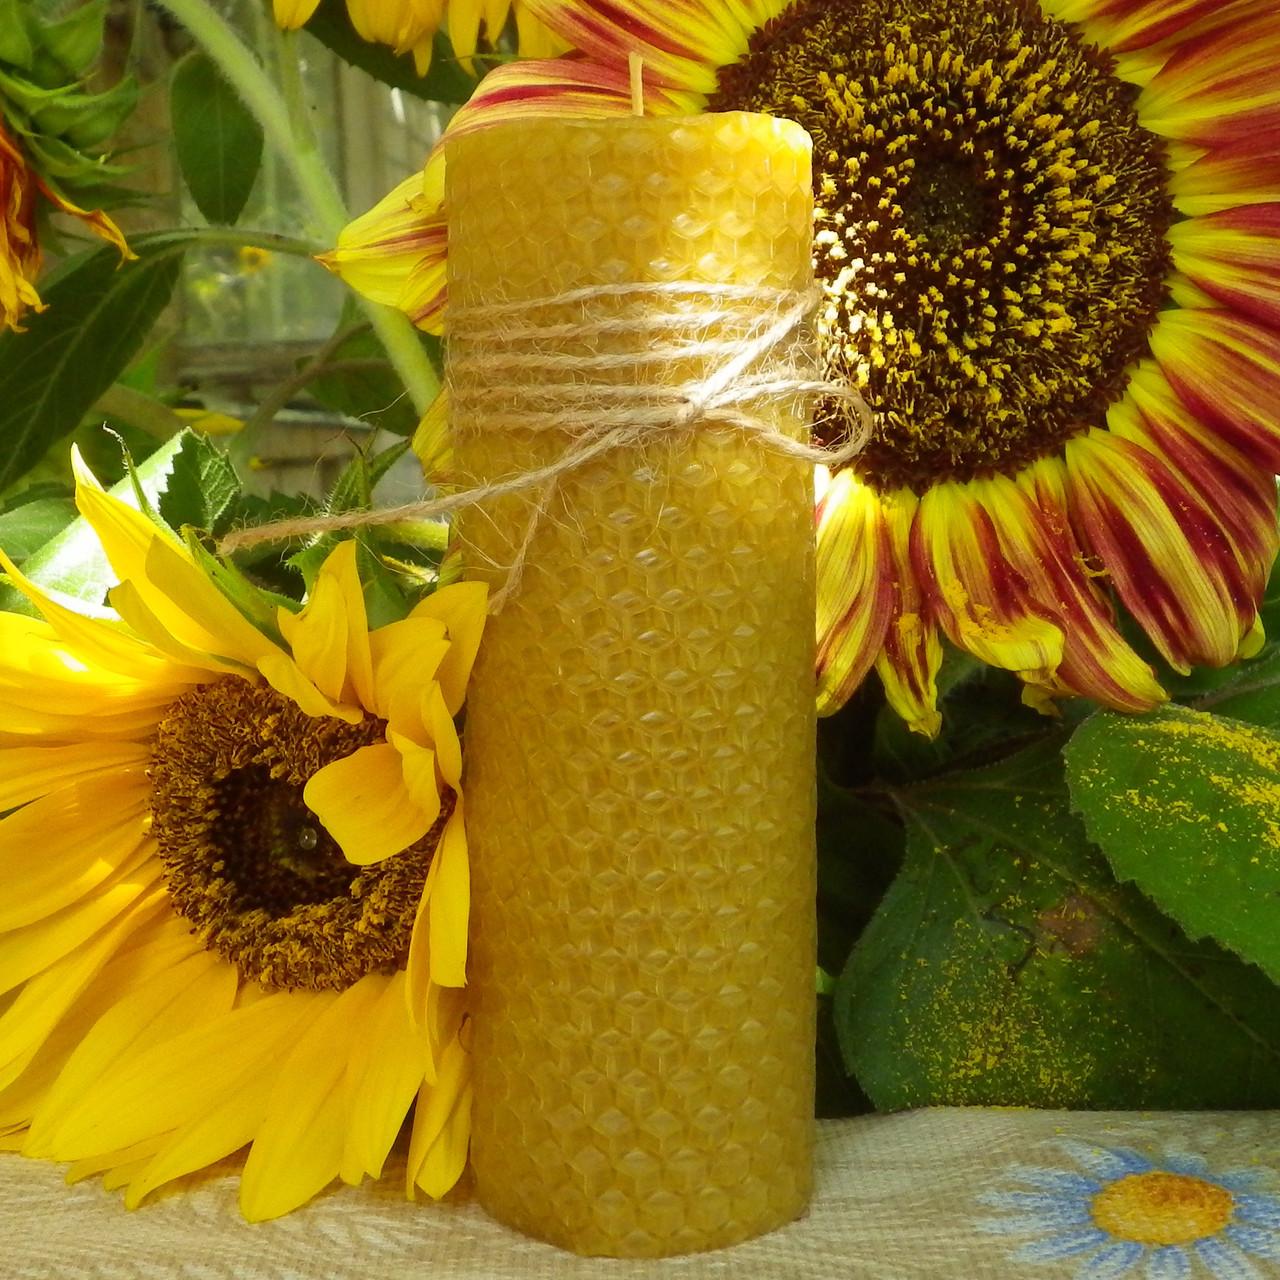 Цилиндрическая восковая свеча D30-210мм из натуральной вощины (натуральный пчелиный воск)